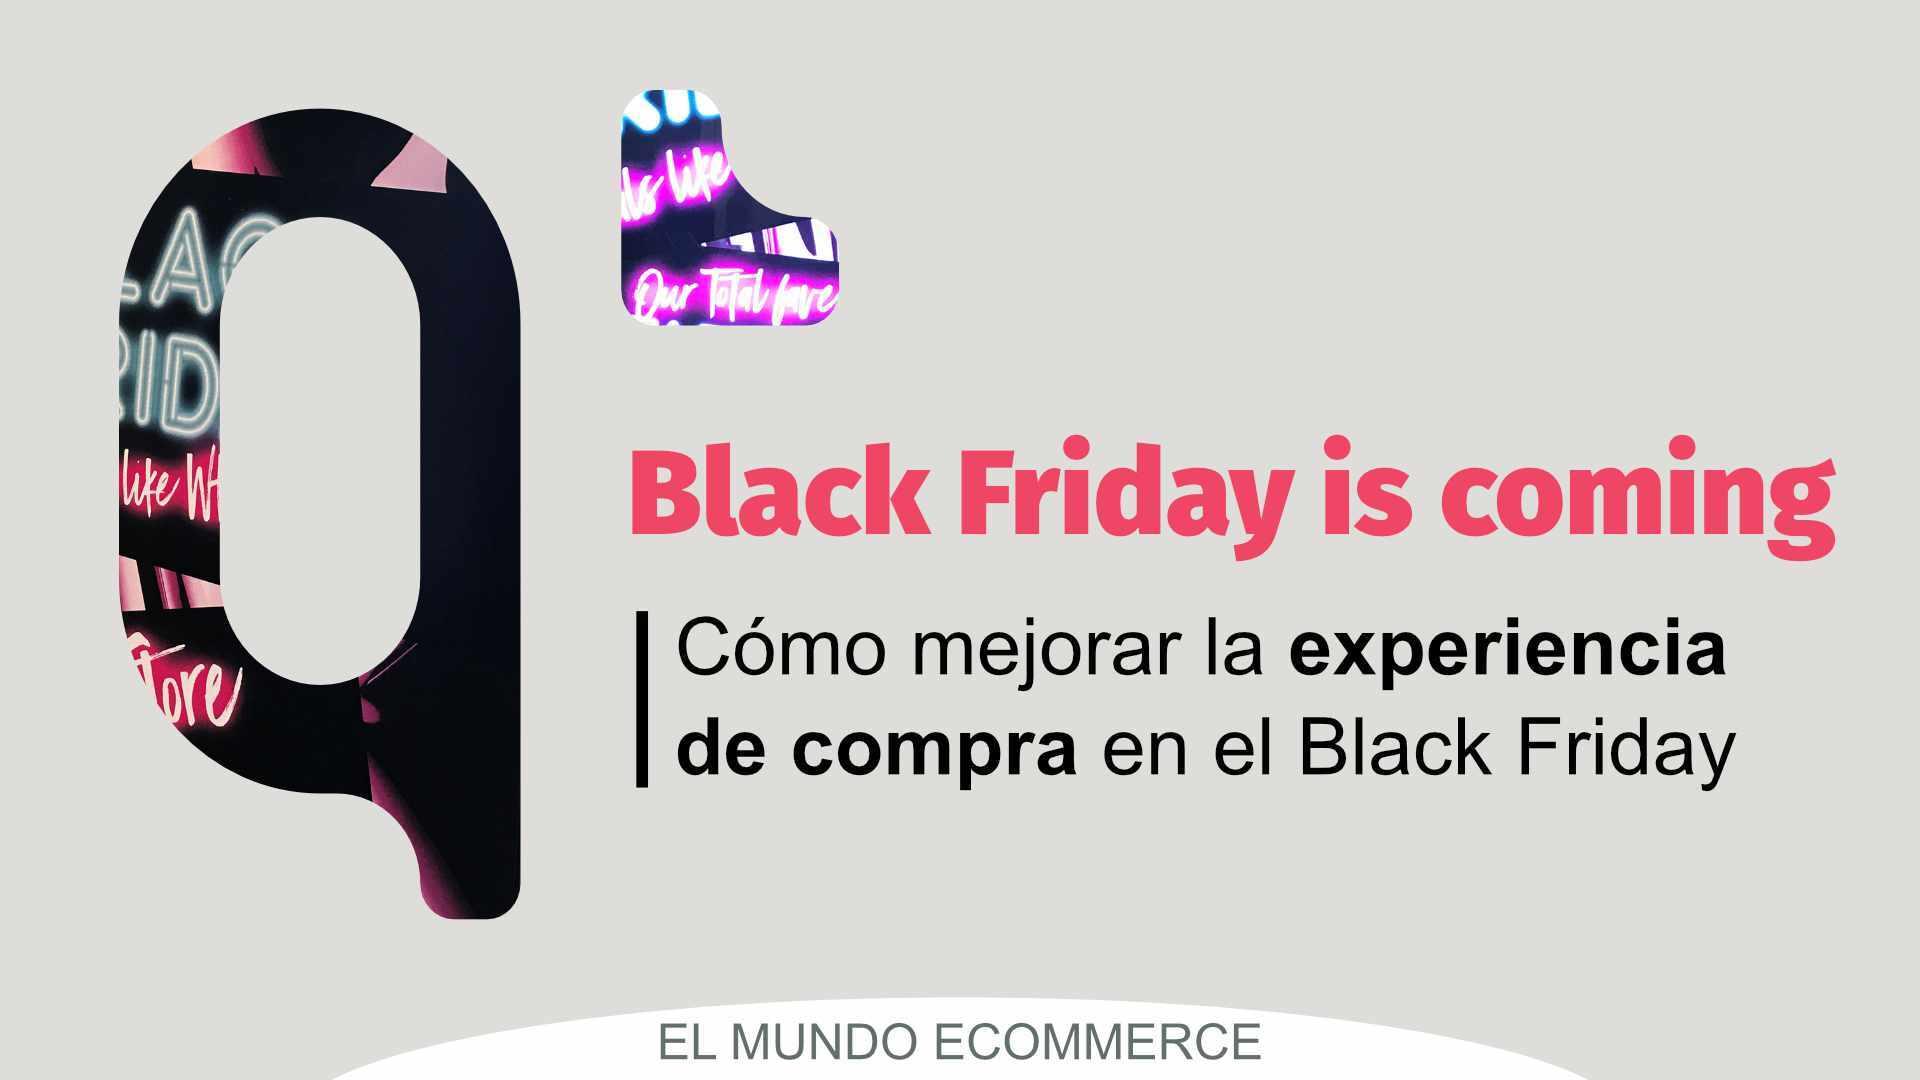 Cómo mejorar la experiencia de compra en el Black Friday